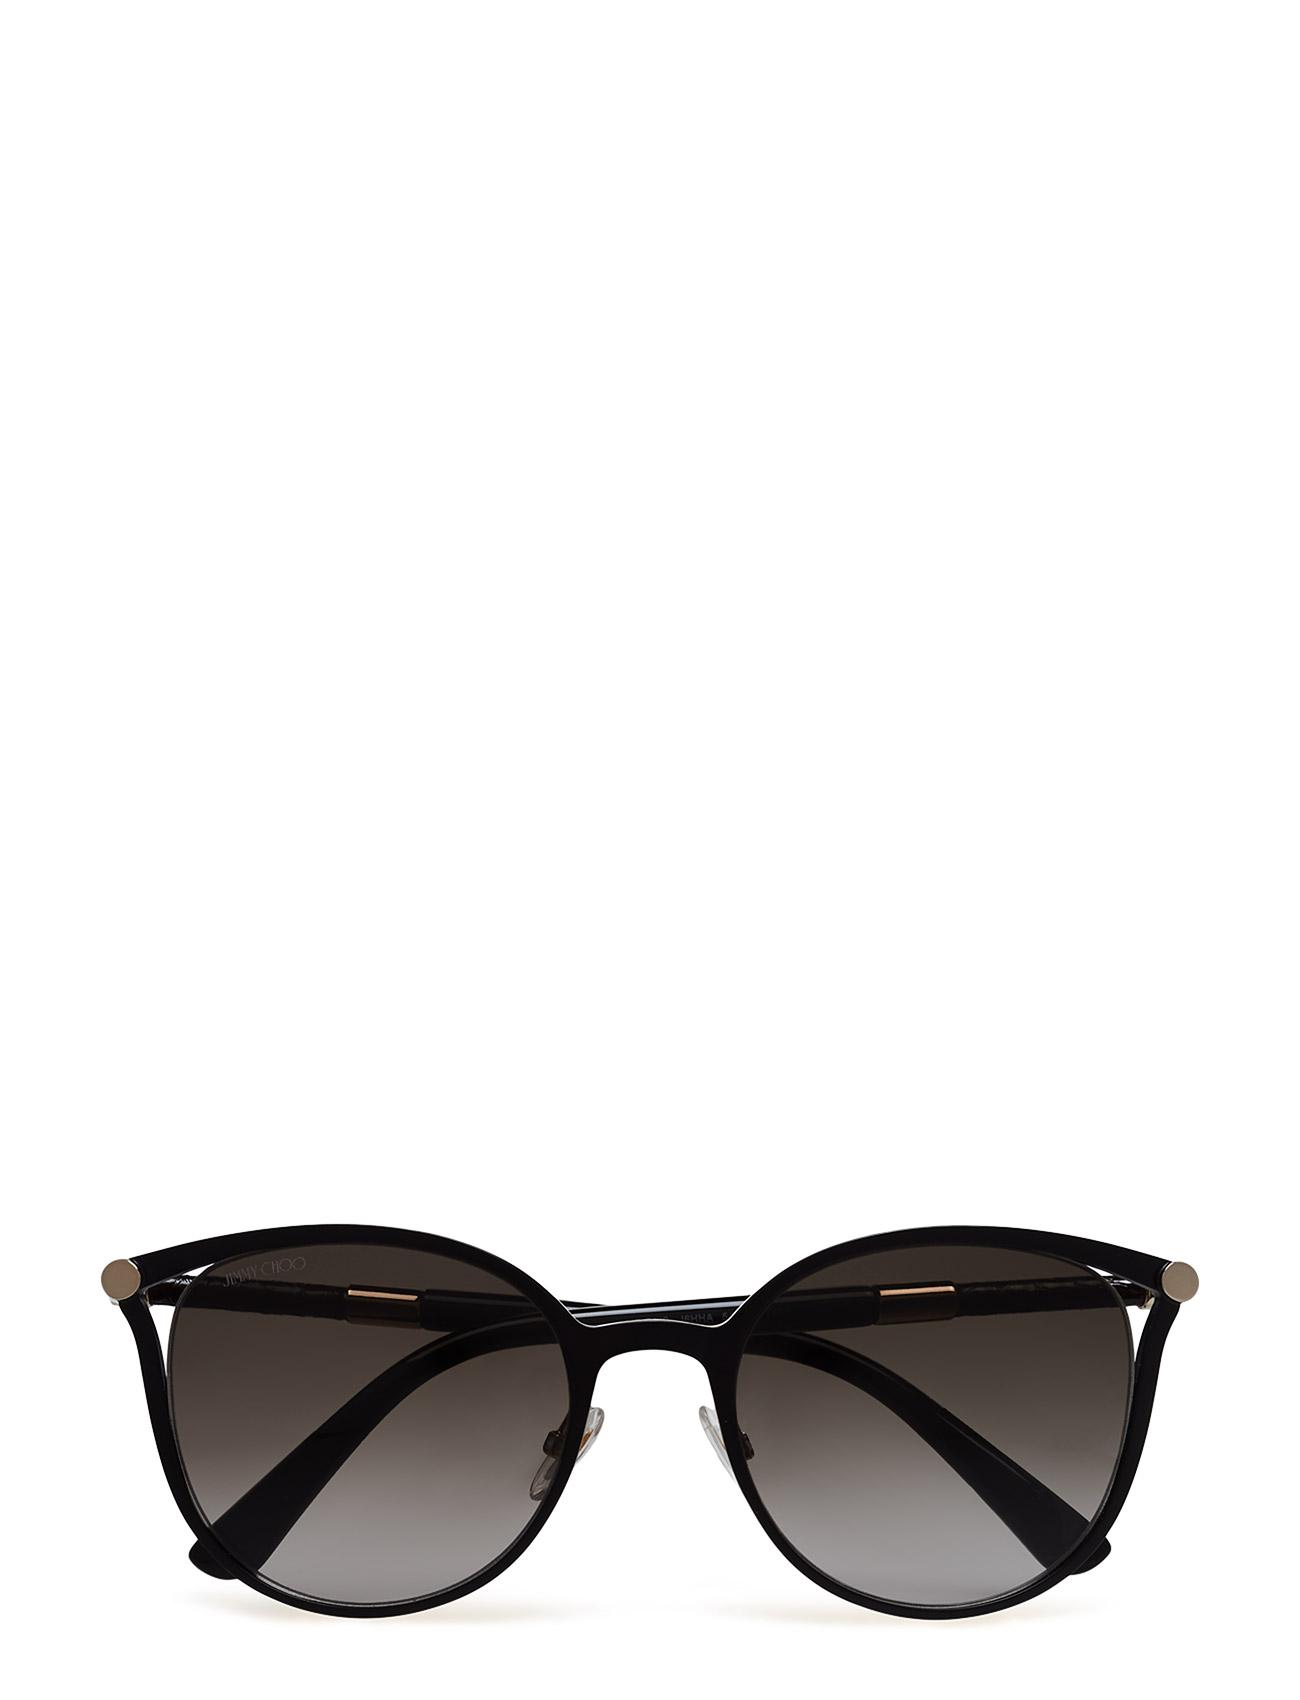 Neiza/S Jimmy Choo Sunglasses Solbriller til Damer i